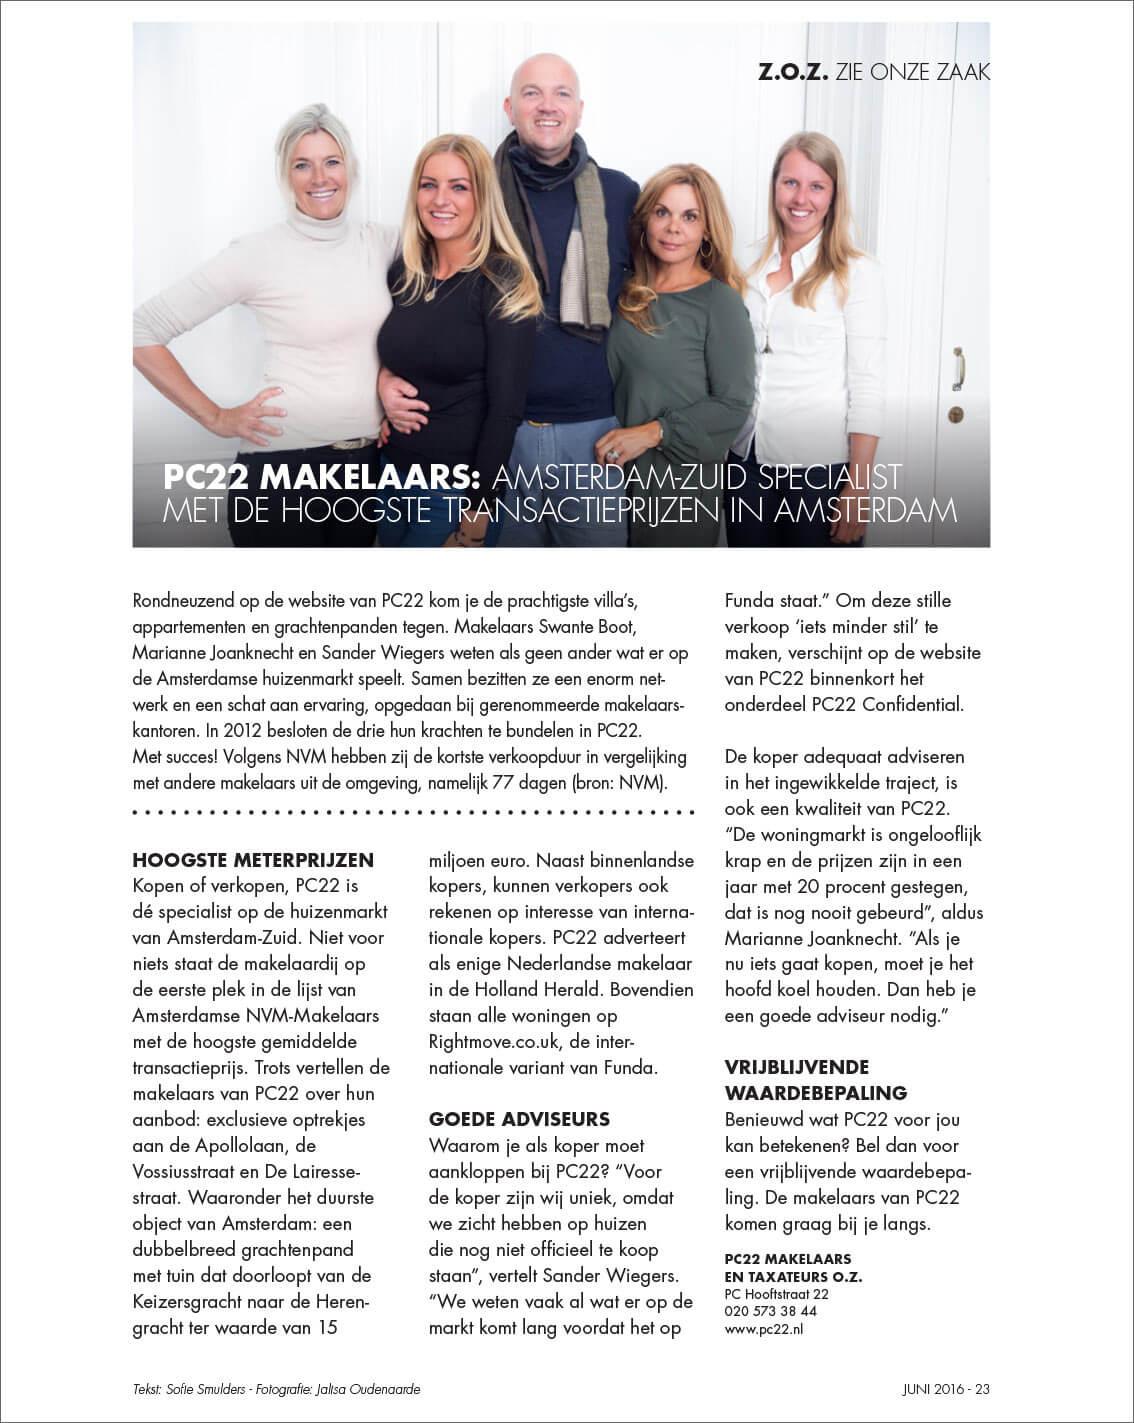 PC22 Makelaars: Amsterdam-Zuid specialist met de hoogste transactieprijzen in Amsterdam,